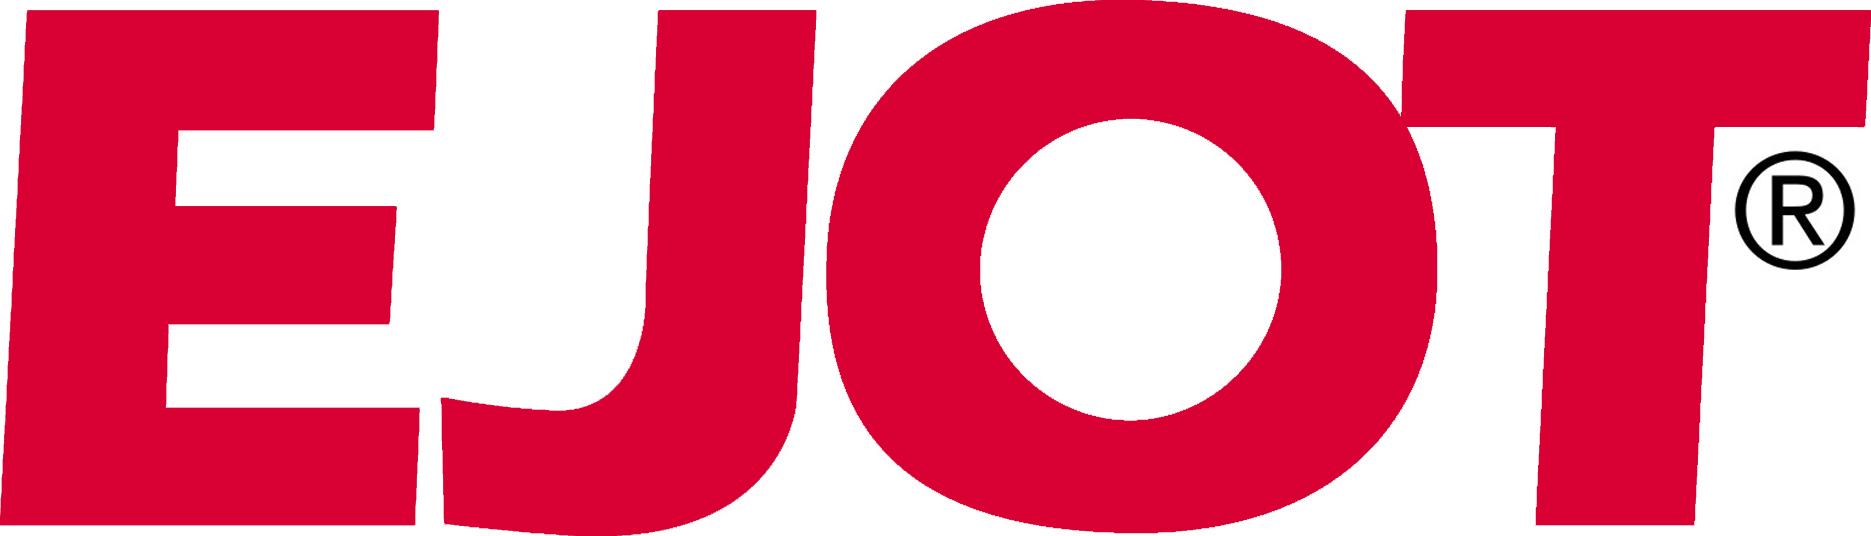 EJOT, France Logo